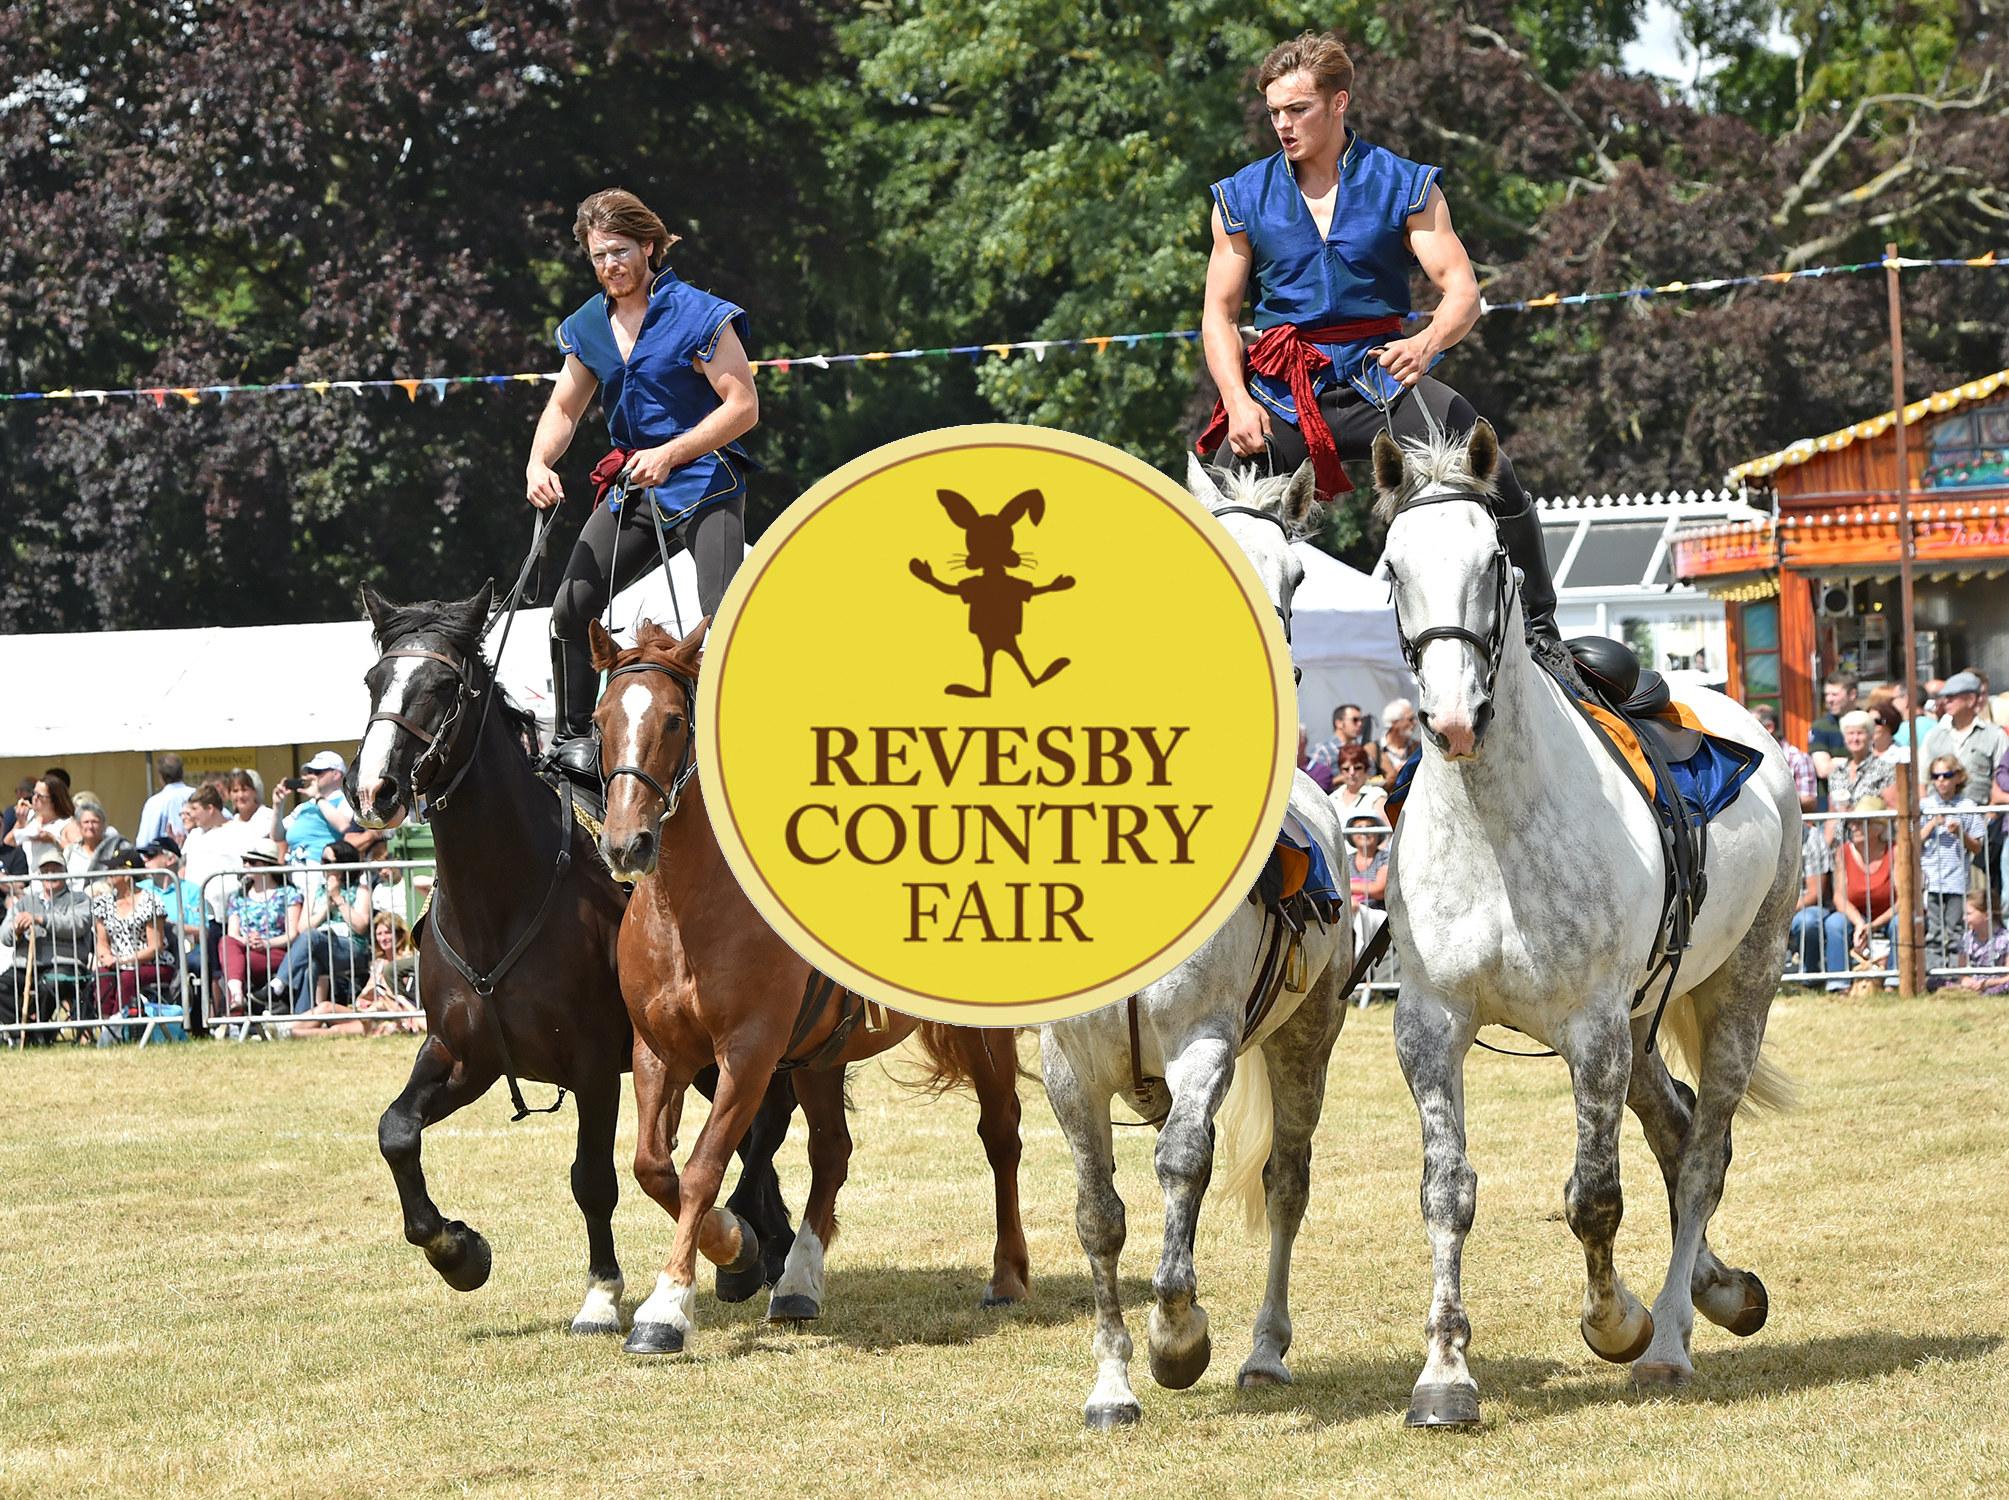 Revesby-Country-Fair-Carrington